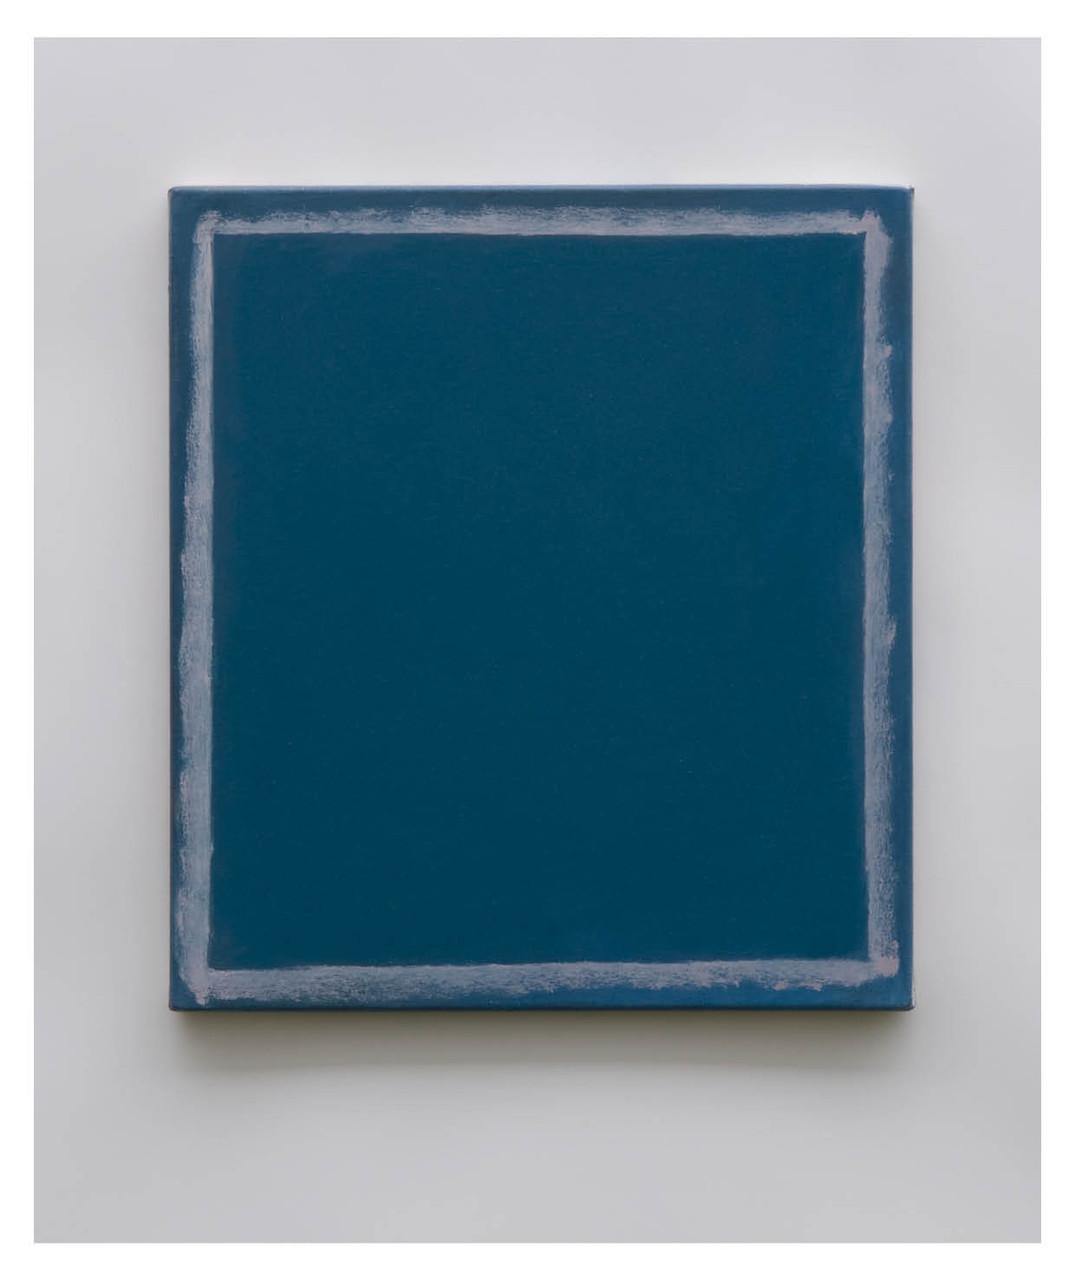 Ohne Titel, 2009, Öl auf Leinwand, 48 x 43 cm